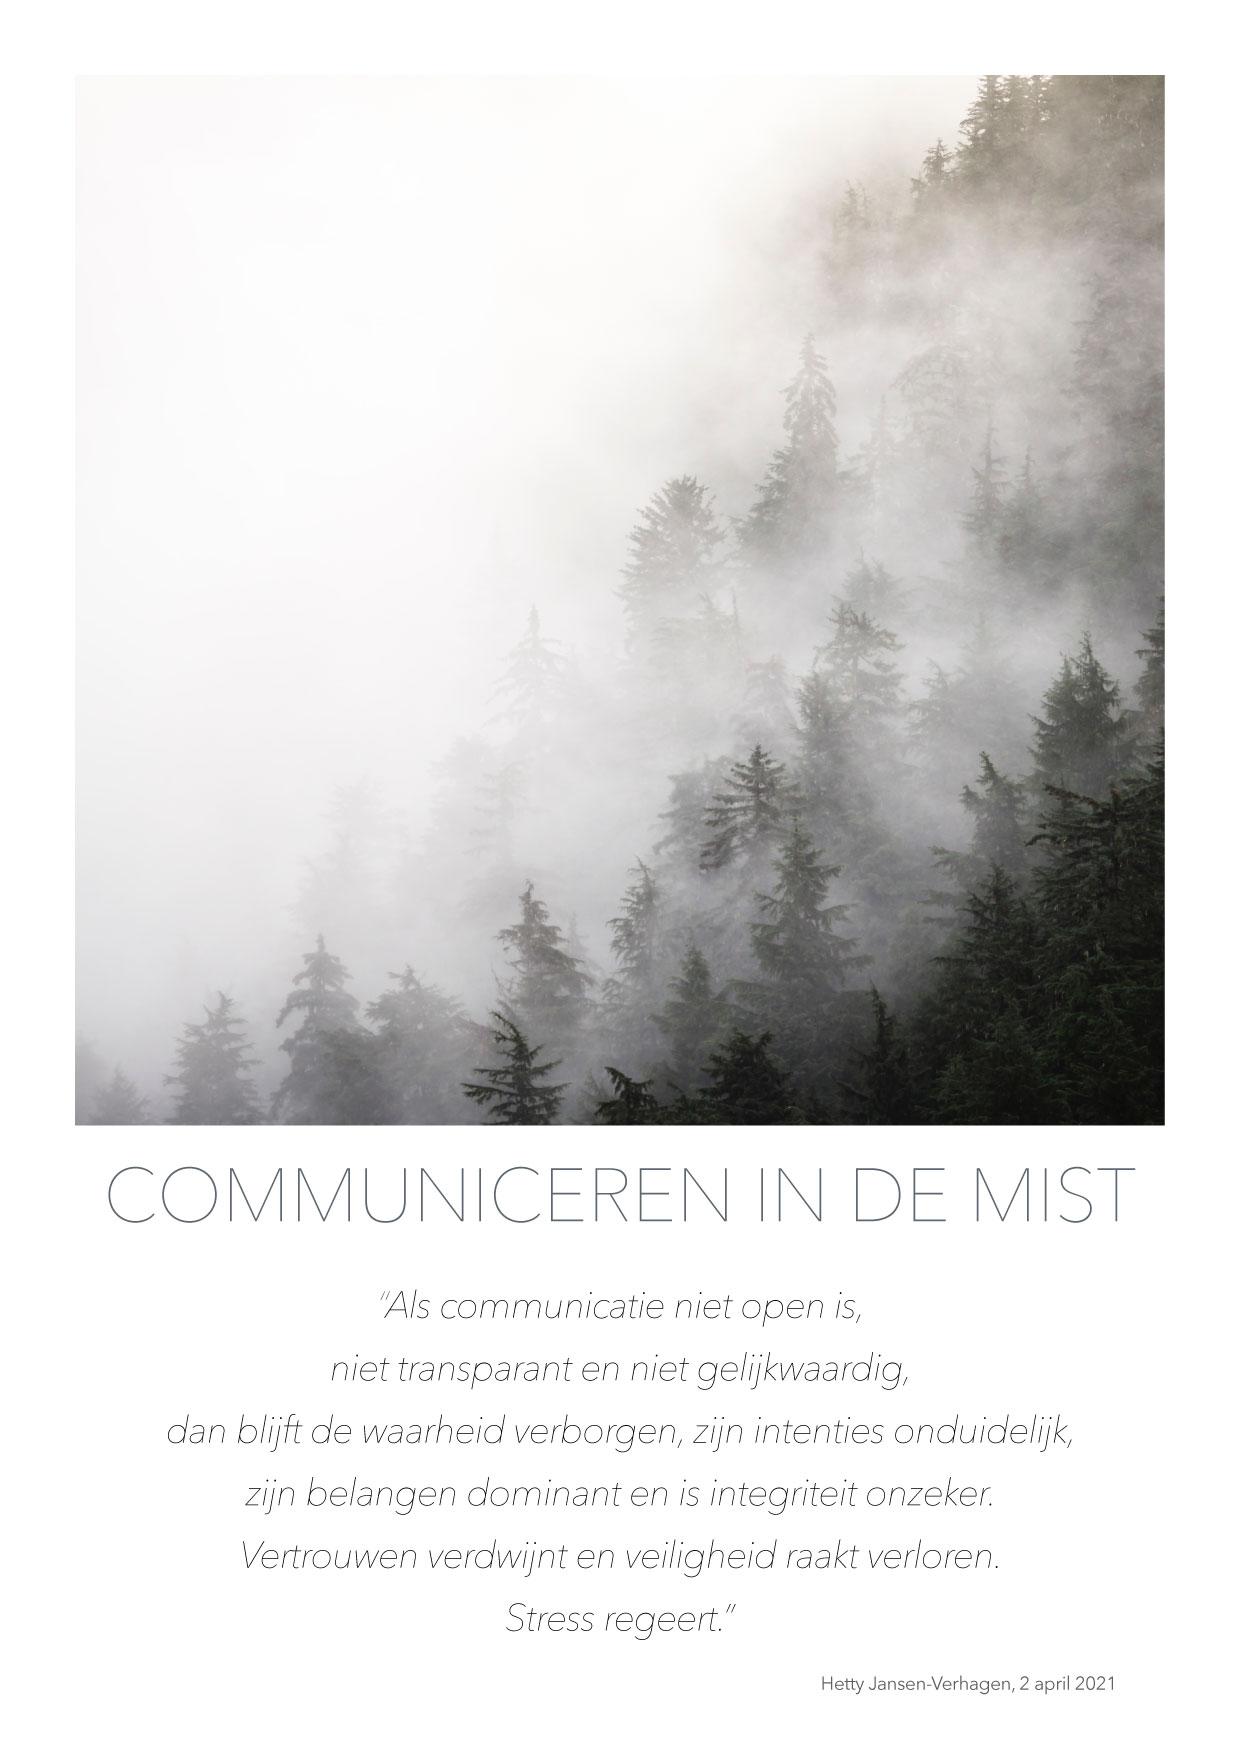 Communiceren in de mist - quote HJTC